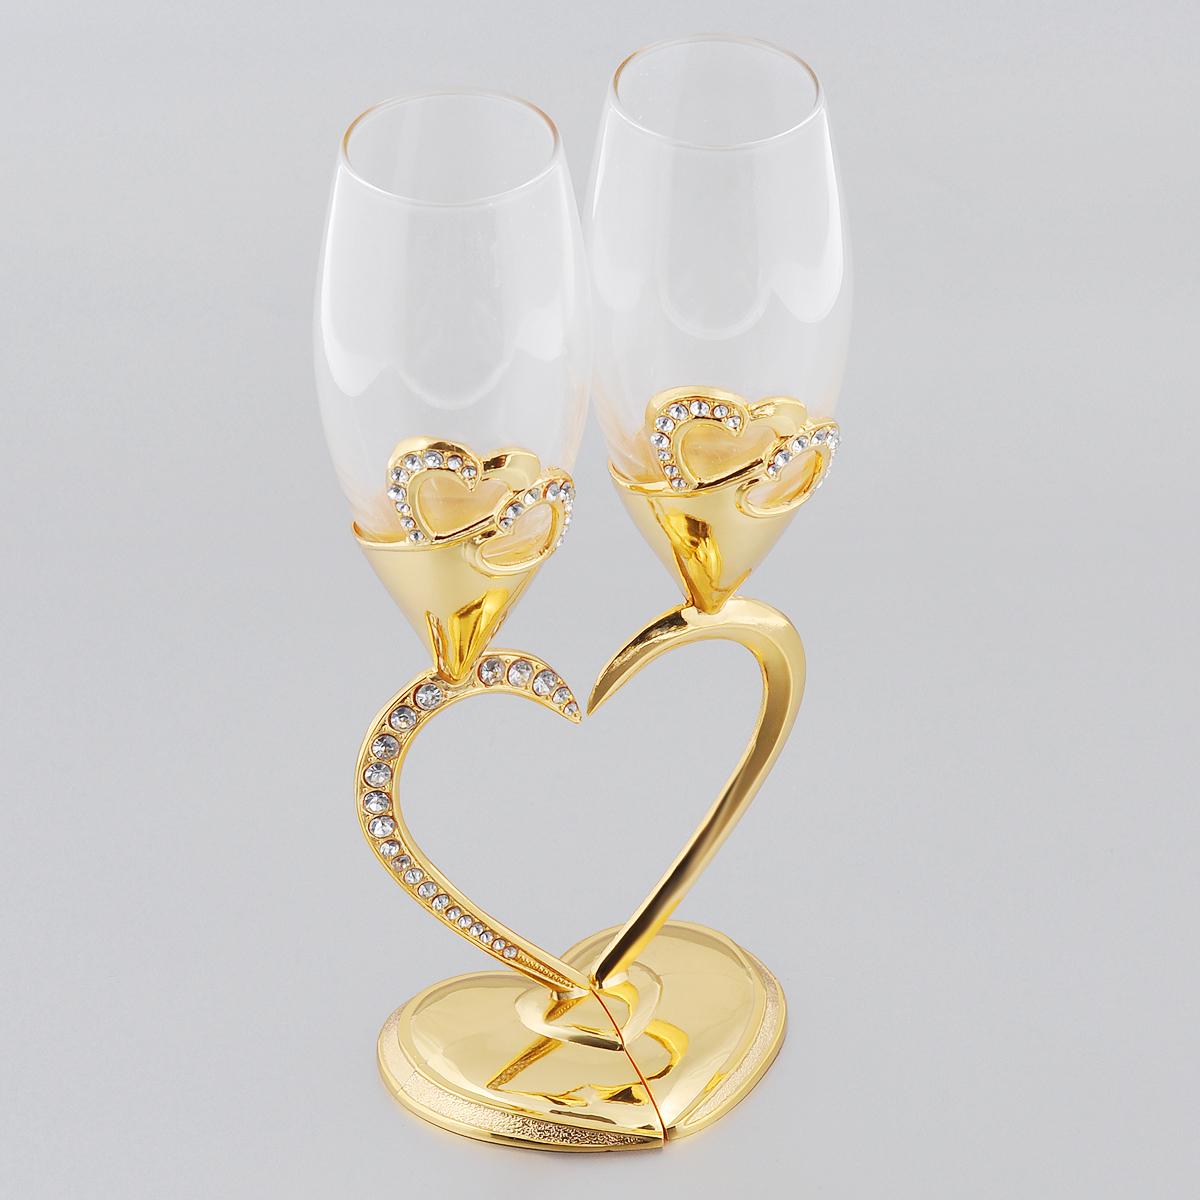 Набор бокалов Marquis Сердце, цвет: золотистый, 2 шт. 2127-MR набор бокалов для бренди коралл 40600 q8105 400 анжела